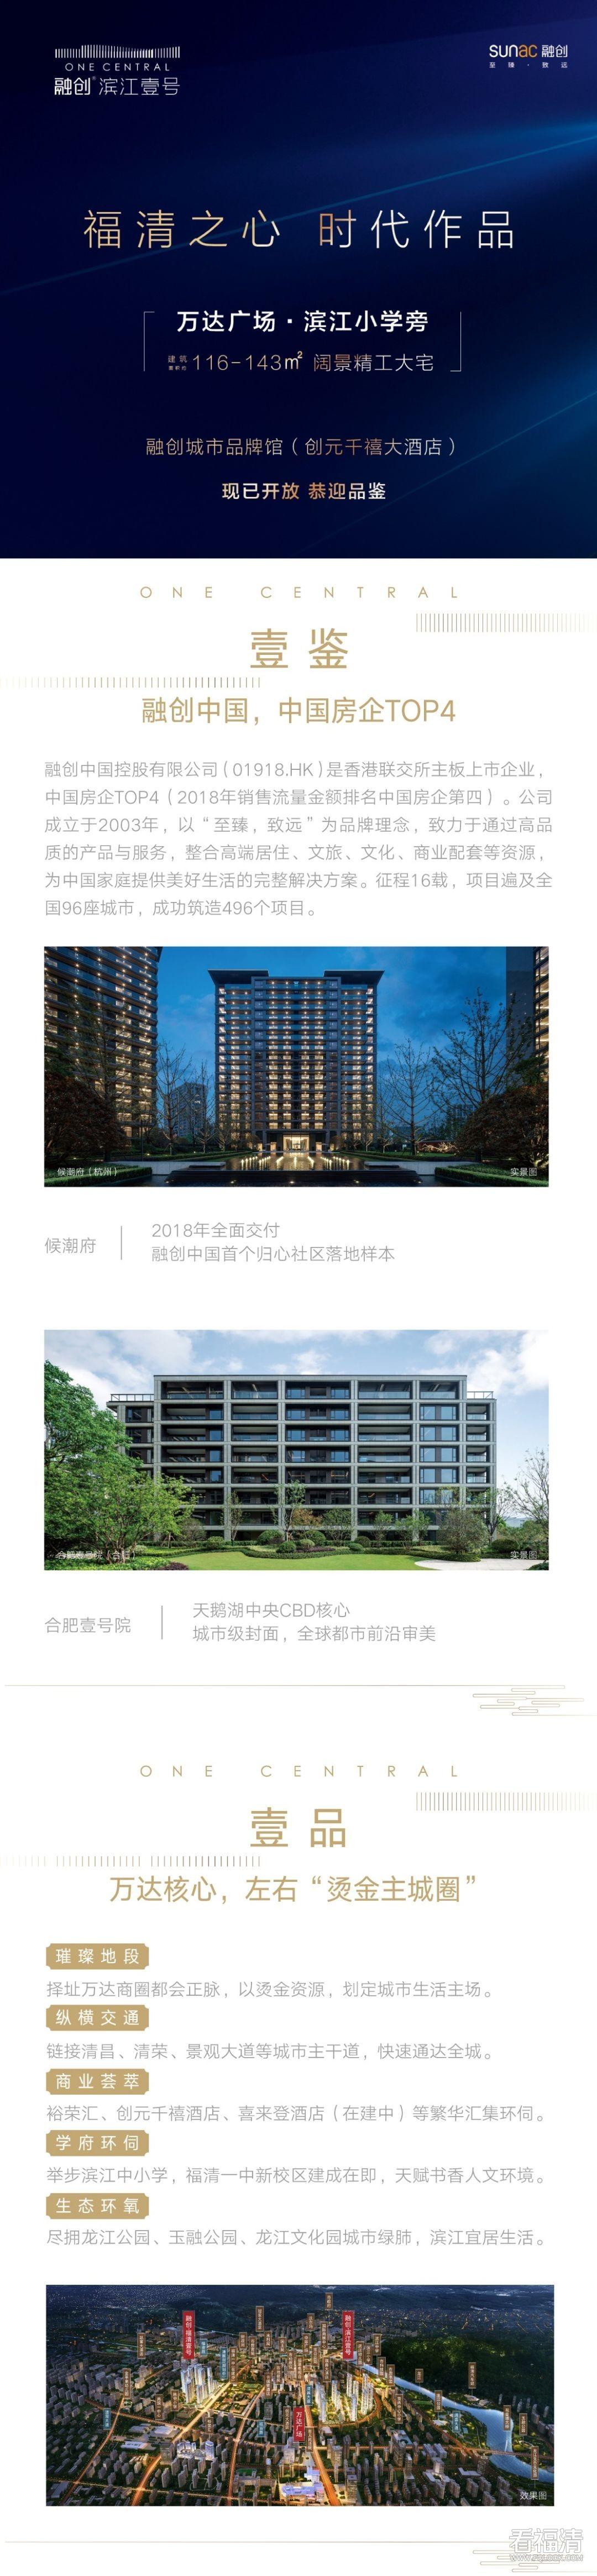 融创·滨江壹号丨福清之心 时代作品